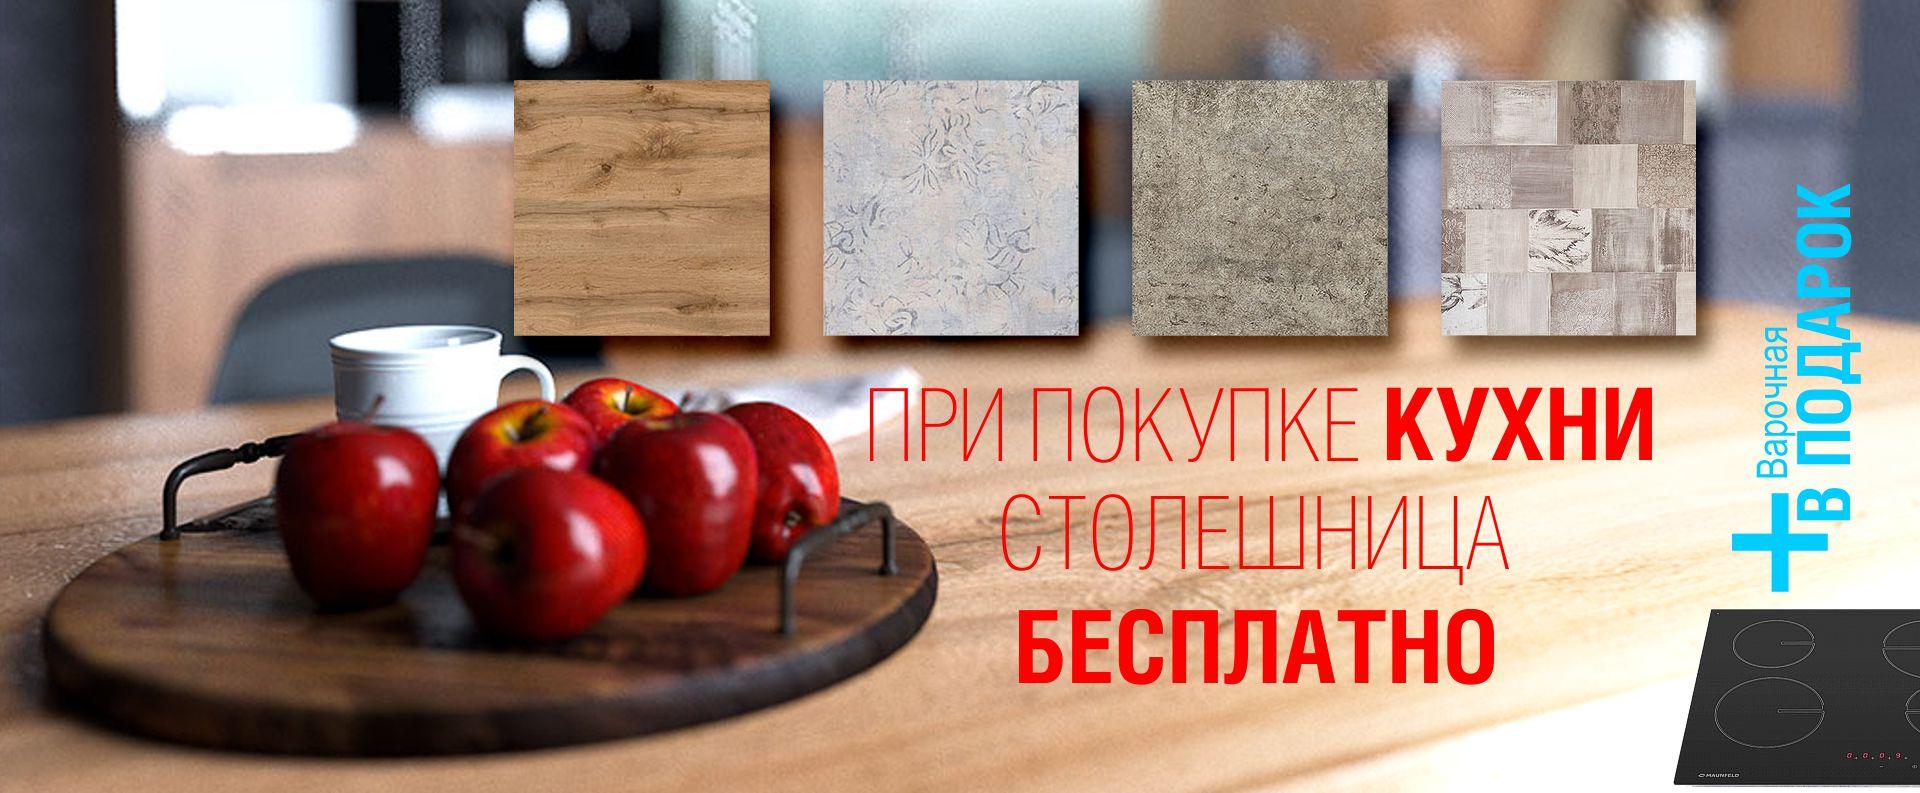 Кухни Энли в Одинцово: недорого, фабричное качественно, цены от производителя.